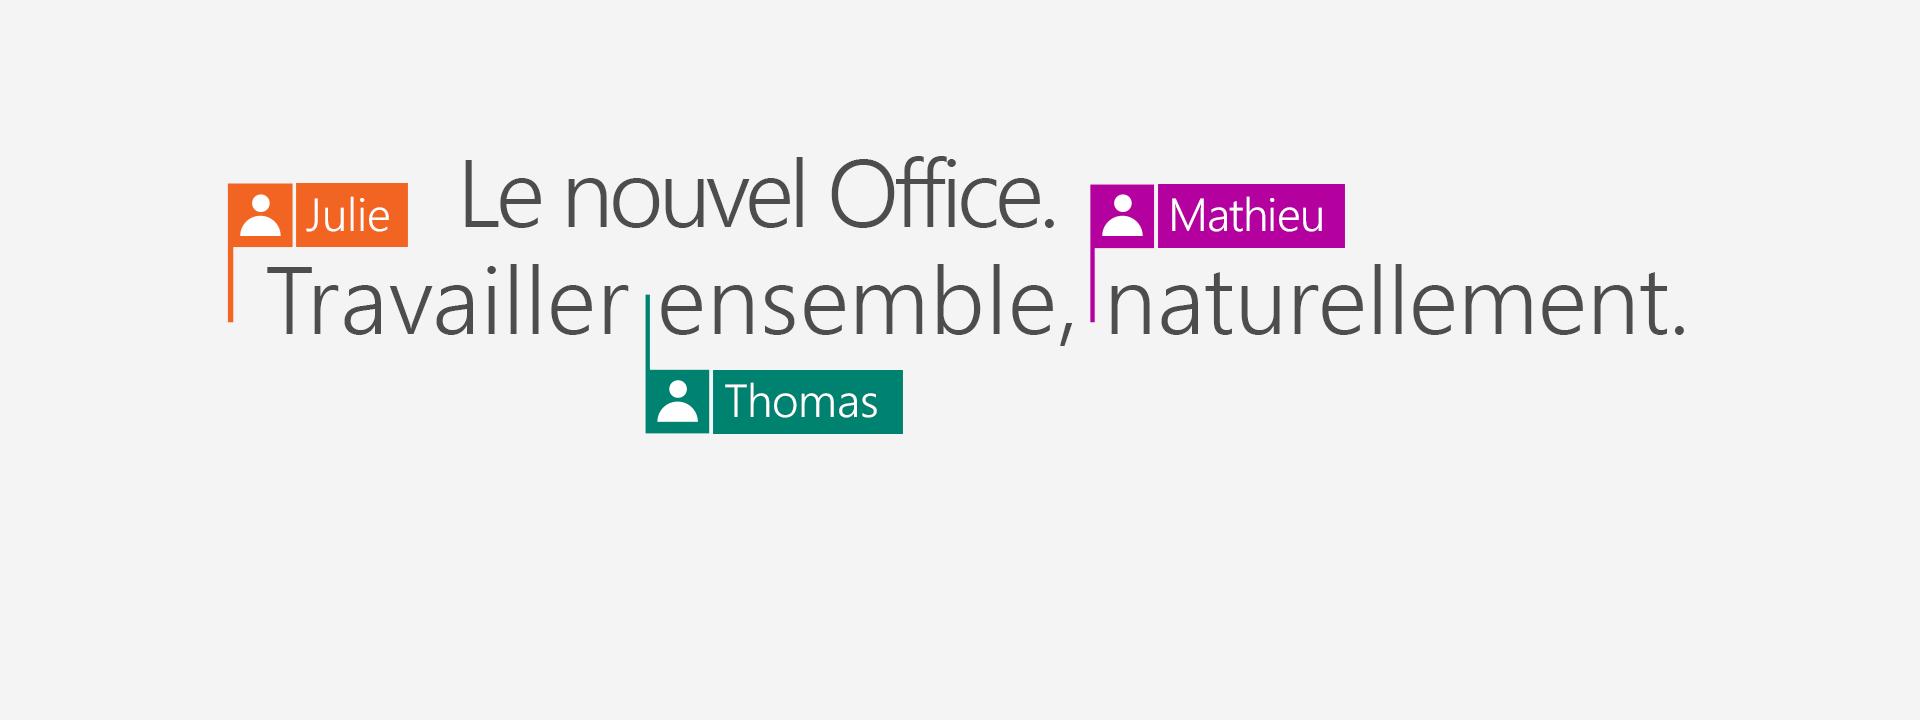 Achetez Office365 pour obtenir les nouvelles applications de 2016.